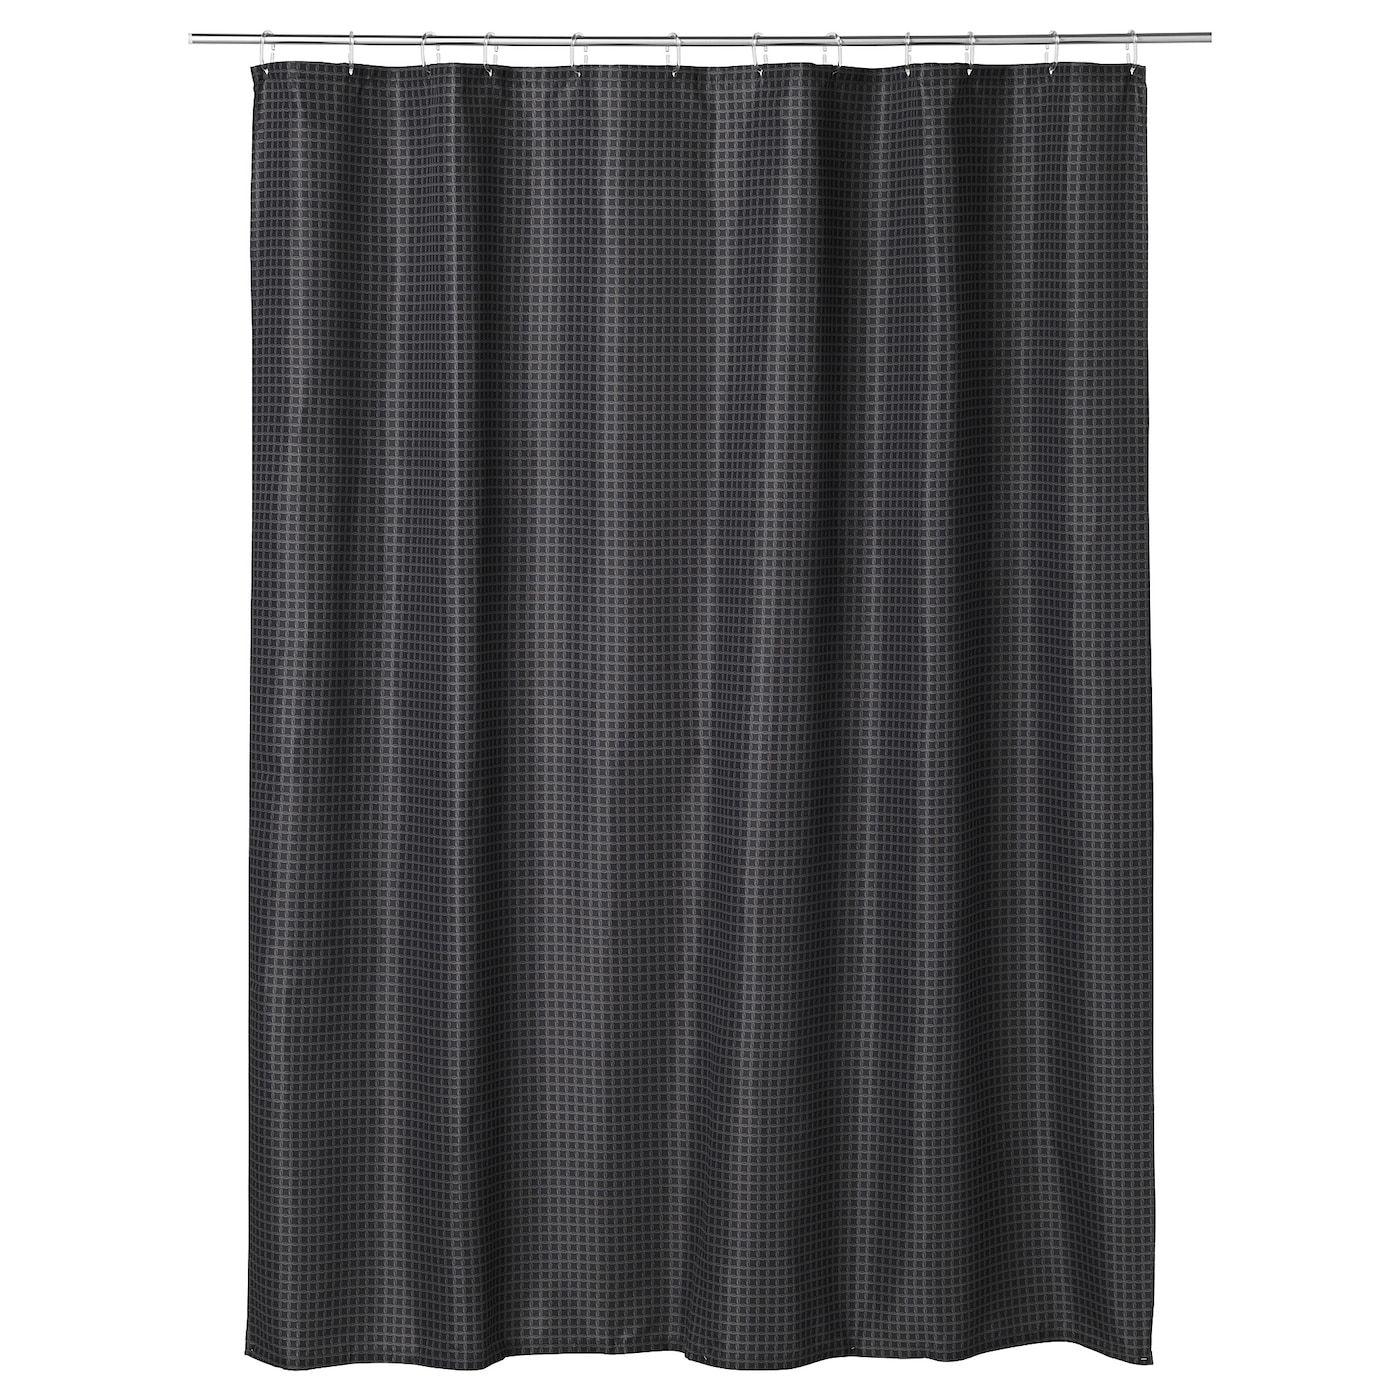 Saxalven Rideau De Douche In 2020 Shower Curtain Rings Curtains